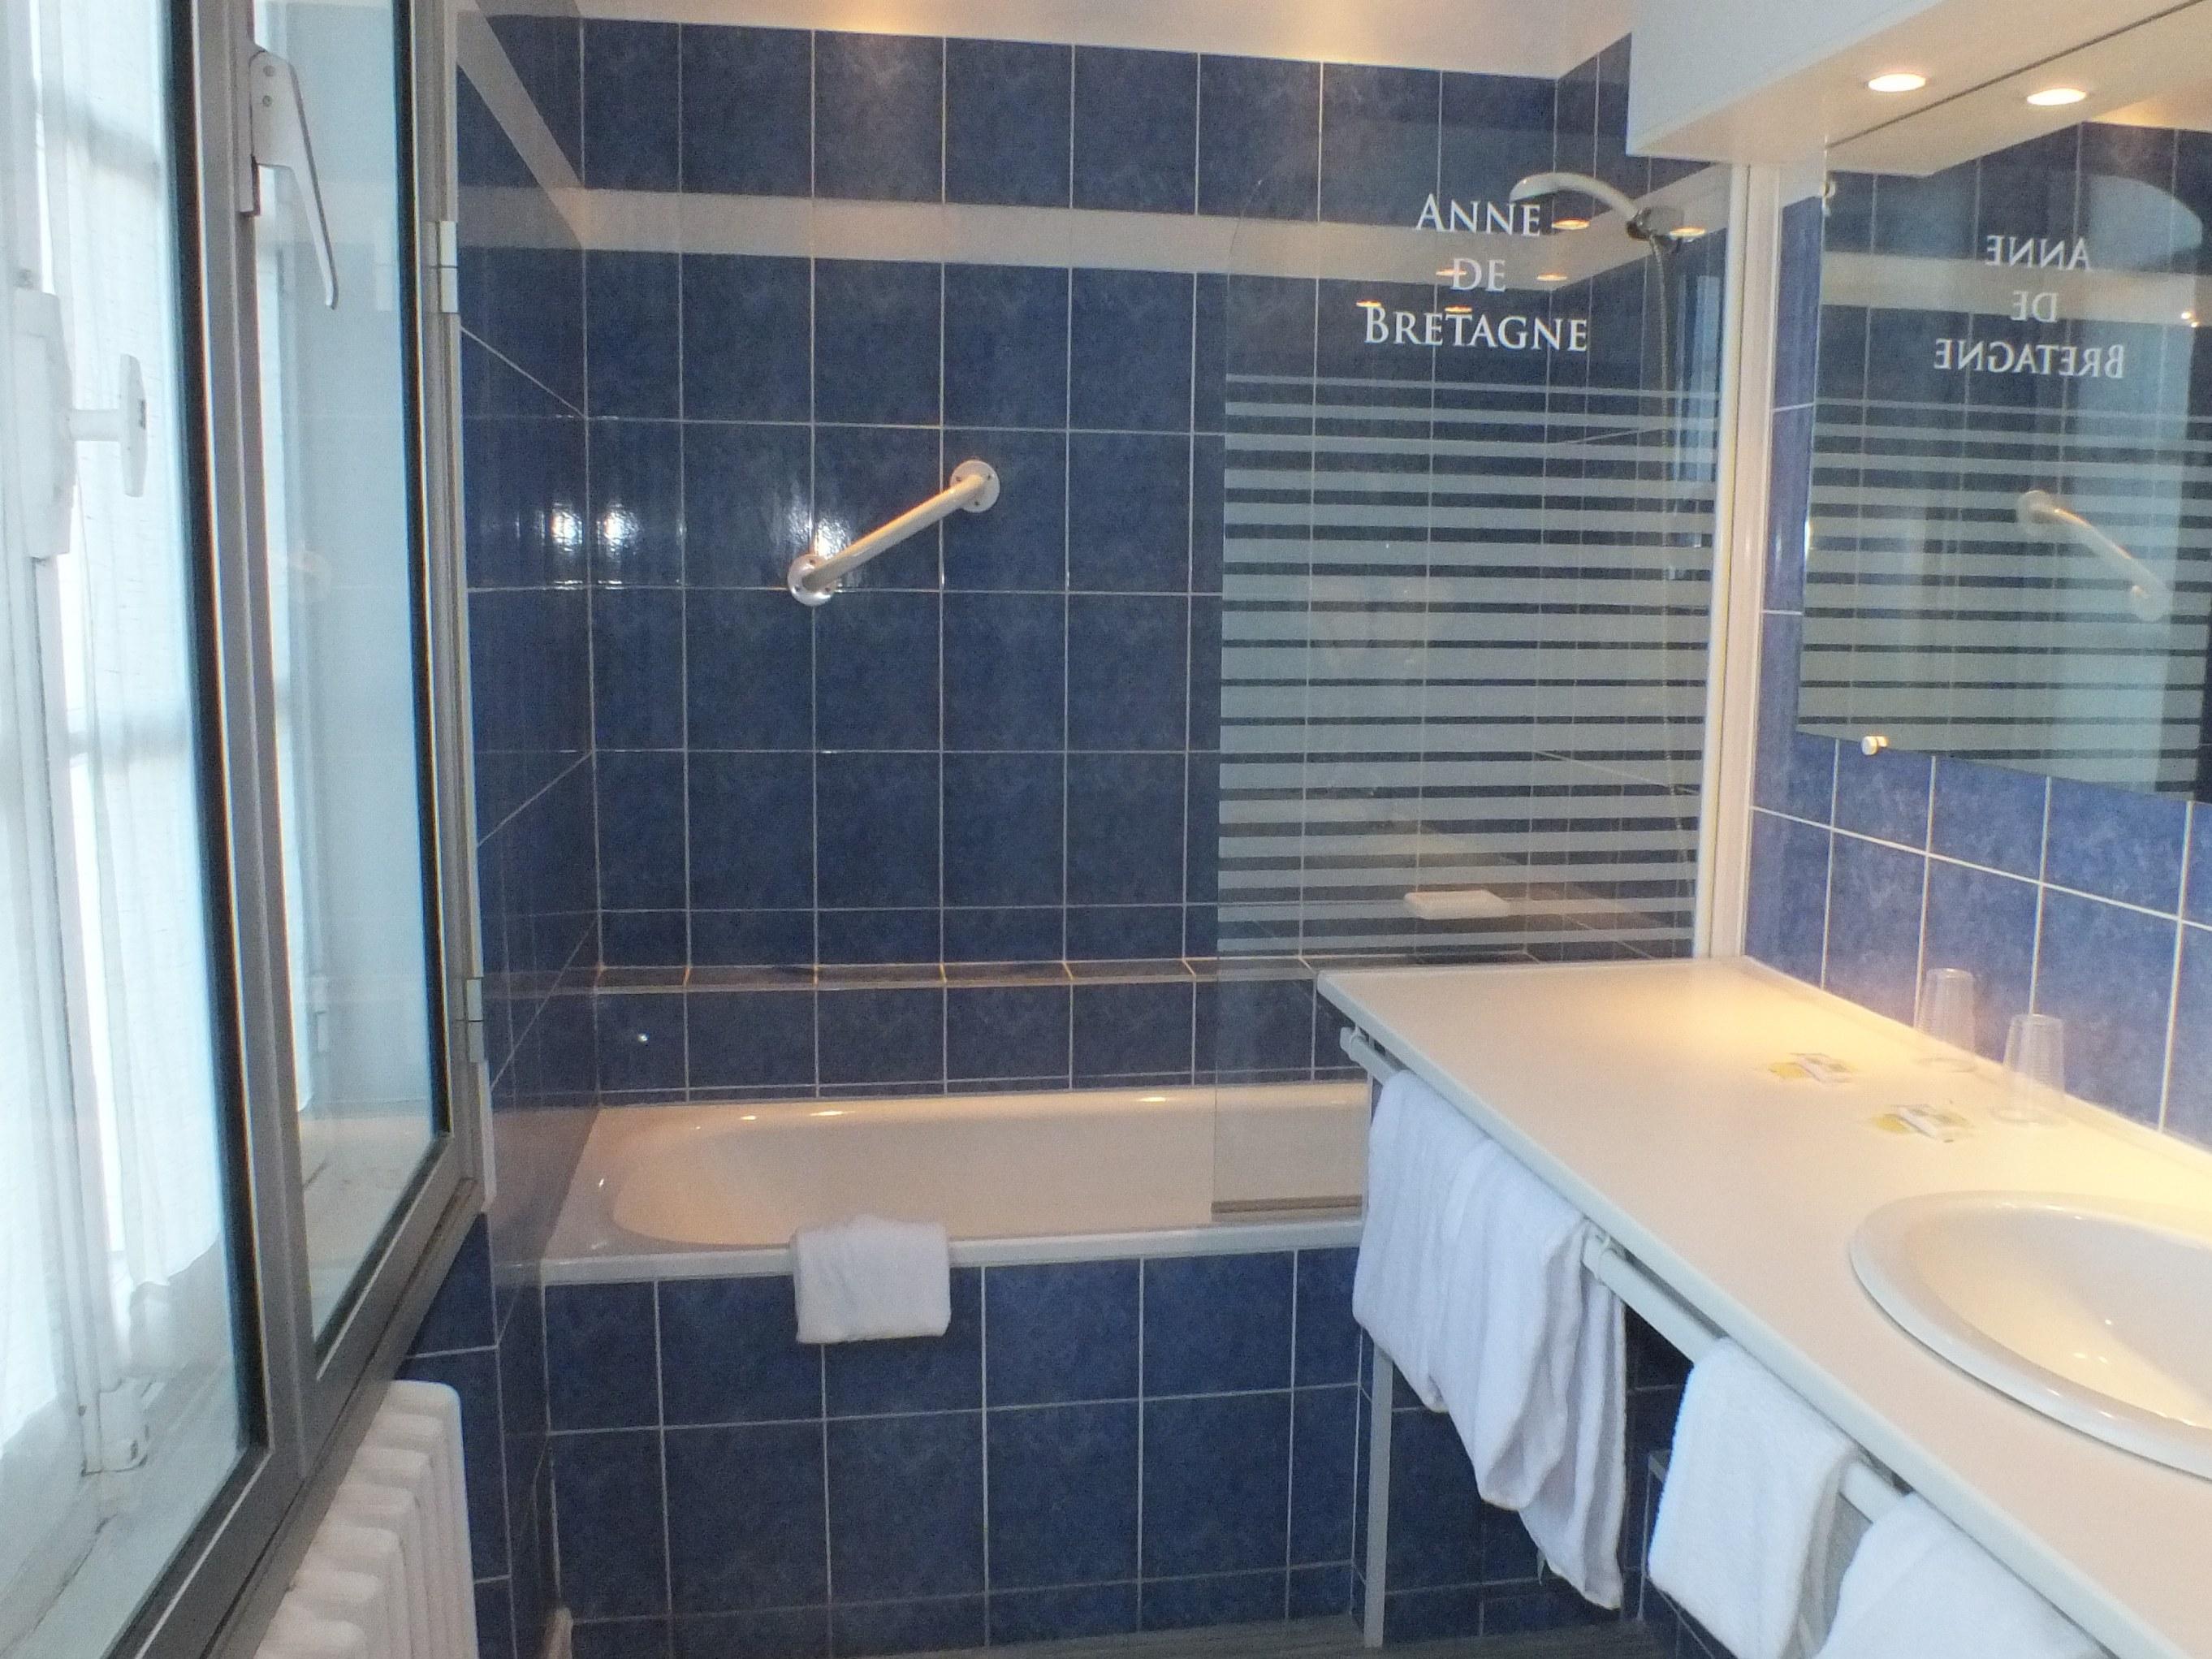 salle de bains = 2 lits individuels